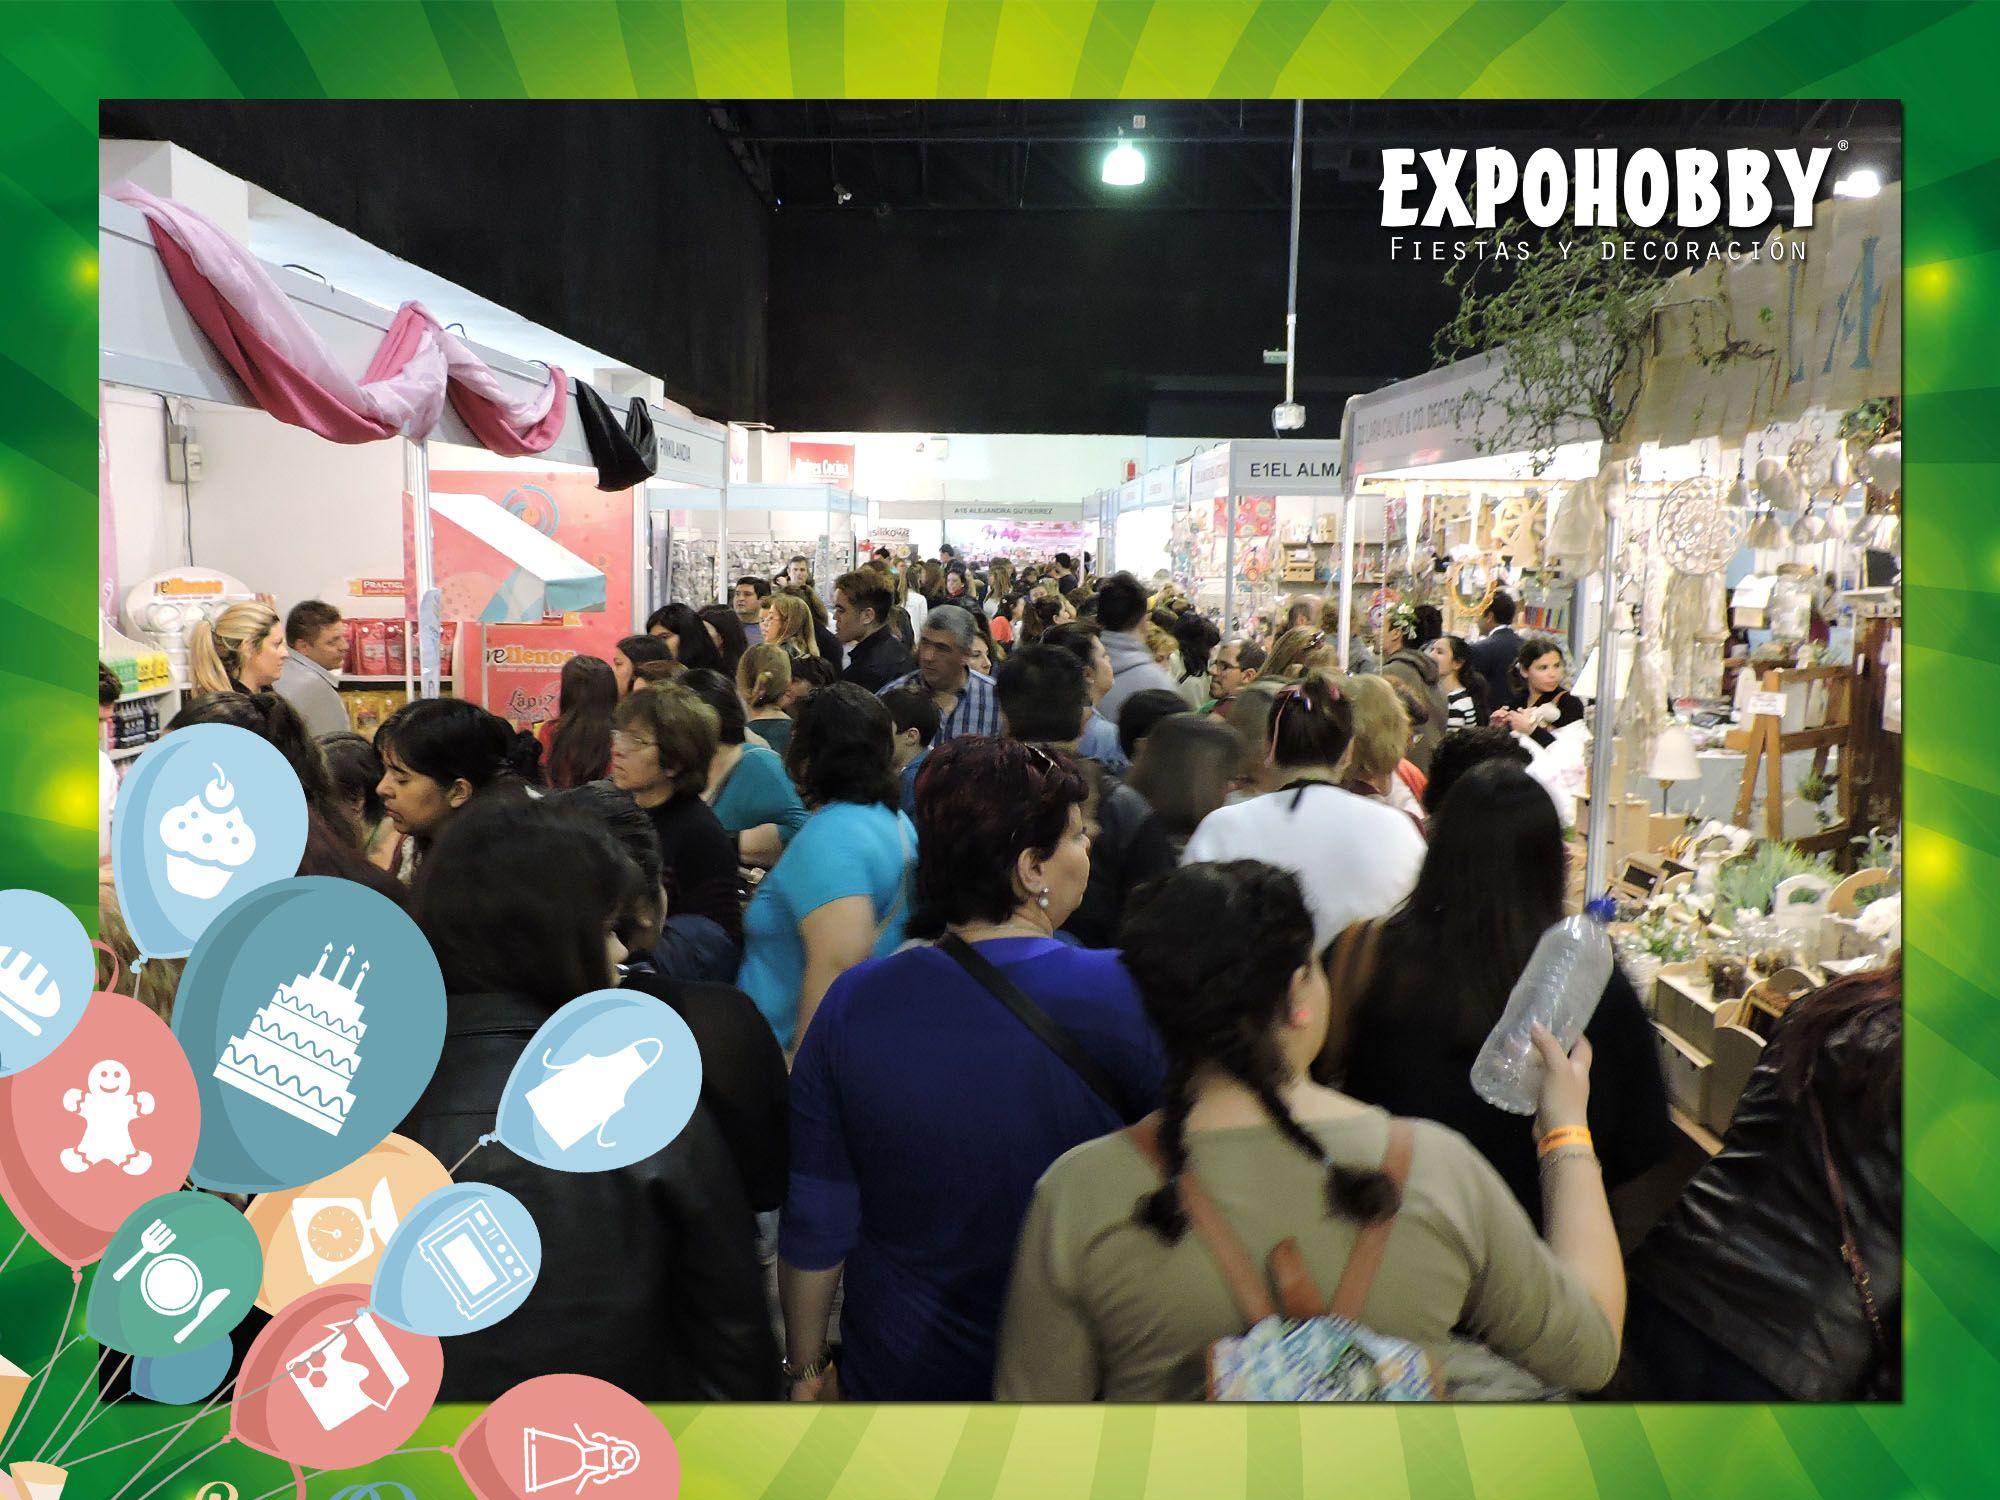 MAÑANA ÚLTIMO DÍA!! Vení y encontrá todo lo que buscas!! Estamos de 13 a 20 hs. #Expohobby #Fiestas #Decoración #Veni #EncontraLoQueBuscas #Buses #Talleres #VentaDeInsumos #MesasExpositoras #LosMejoresProfesionales #LasMejoresMarcas #Ambientaciones #Shows #CabinaSelfie #Sorteos #GrandesPremios #Hoy #TengoGanasDe #IrAExpohobby